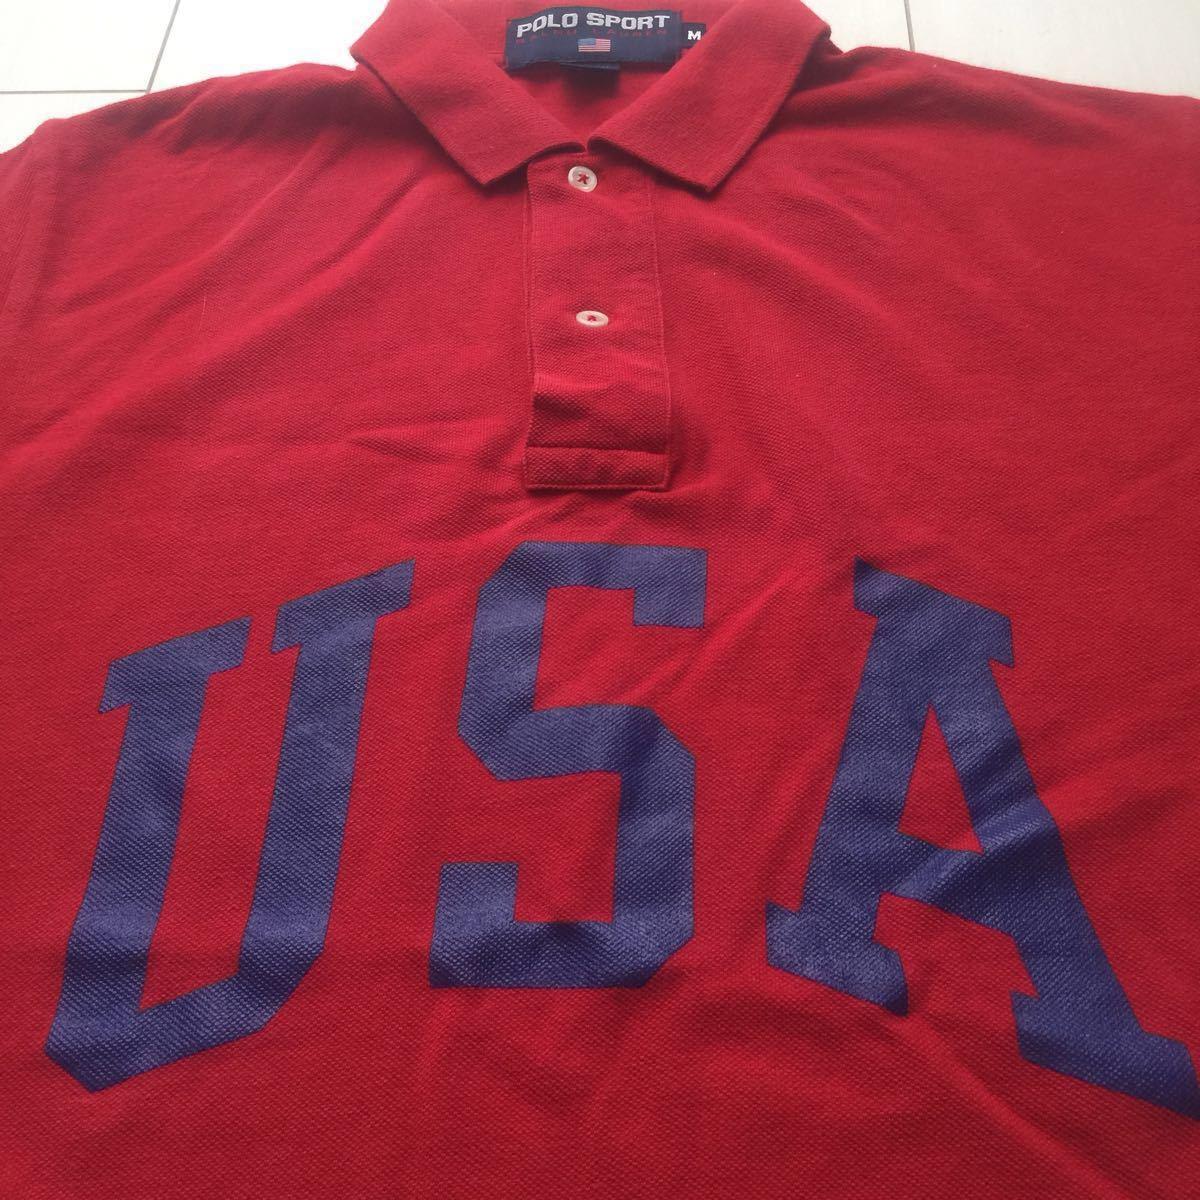 送料無料 90s polo sport ポロスポーツ ラルフローレン USA アーチロゴ ポロシャツ vintage ビンテージ レッド バーガンディ M rrl country_画像4